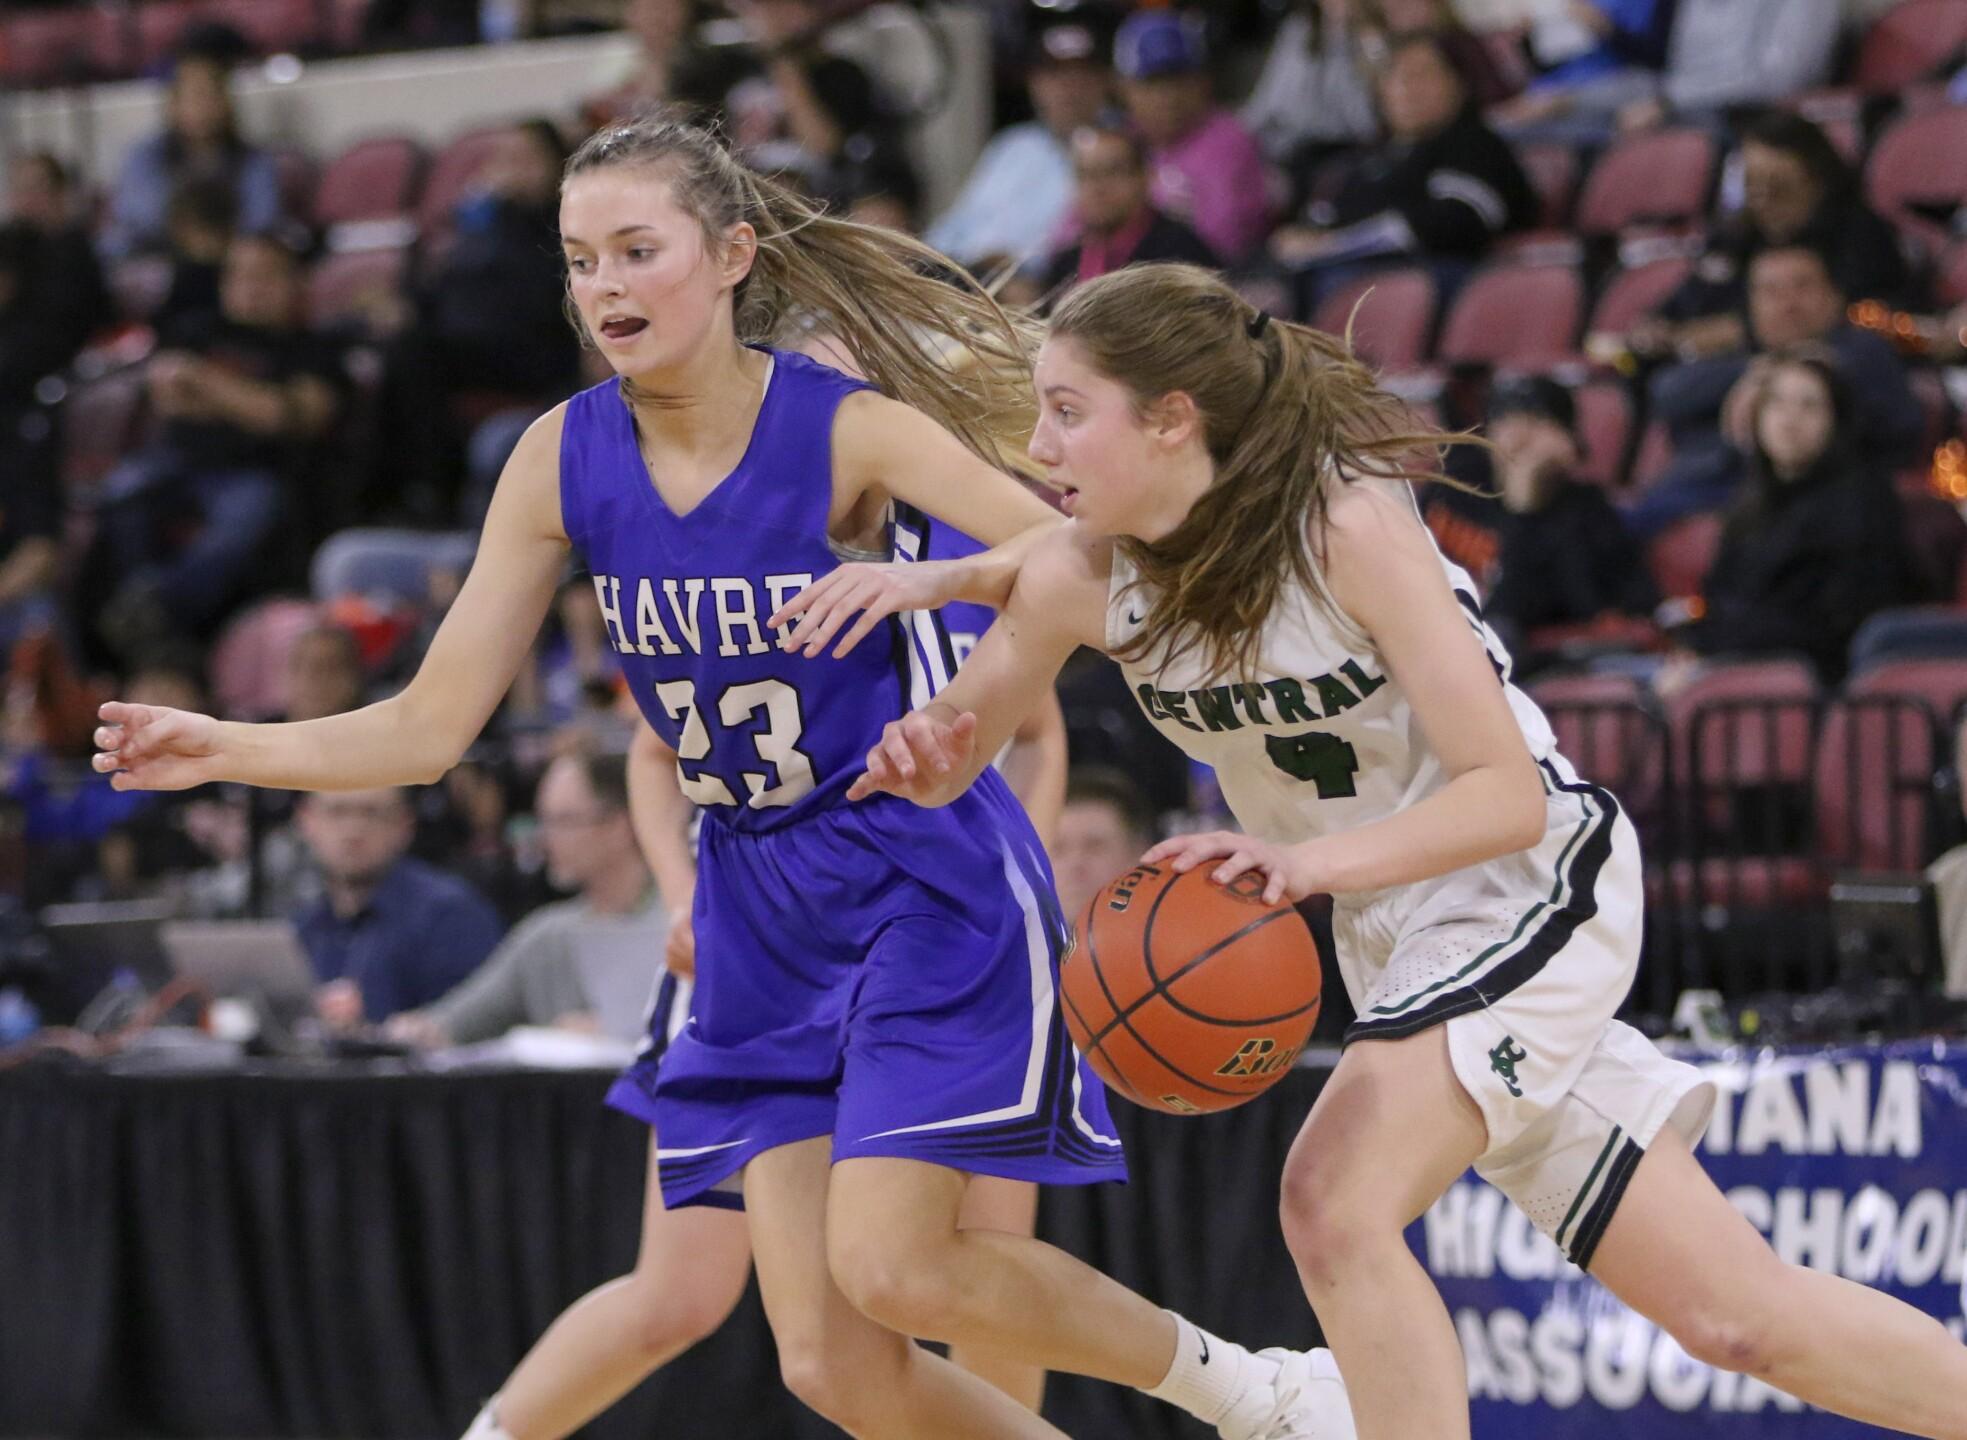 Mya Hansen moves the ball up the court as Jessa Chvilicek defends.jpg